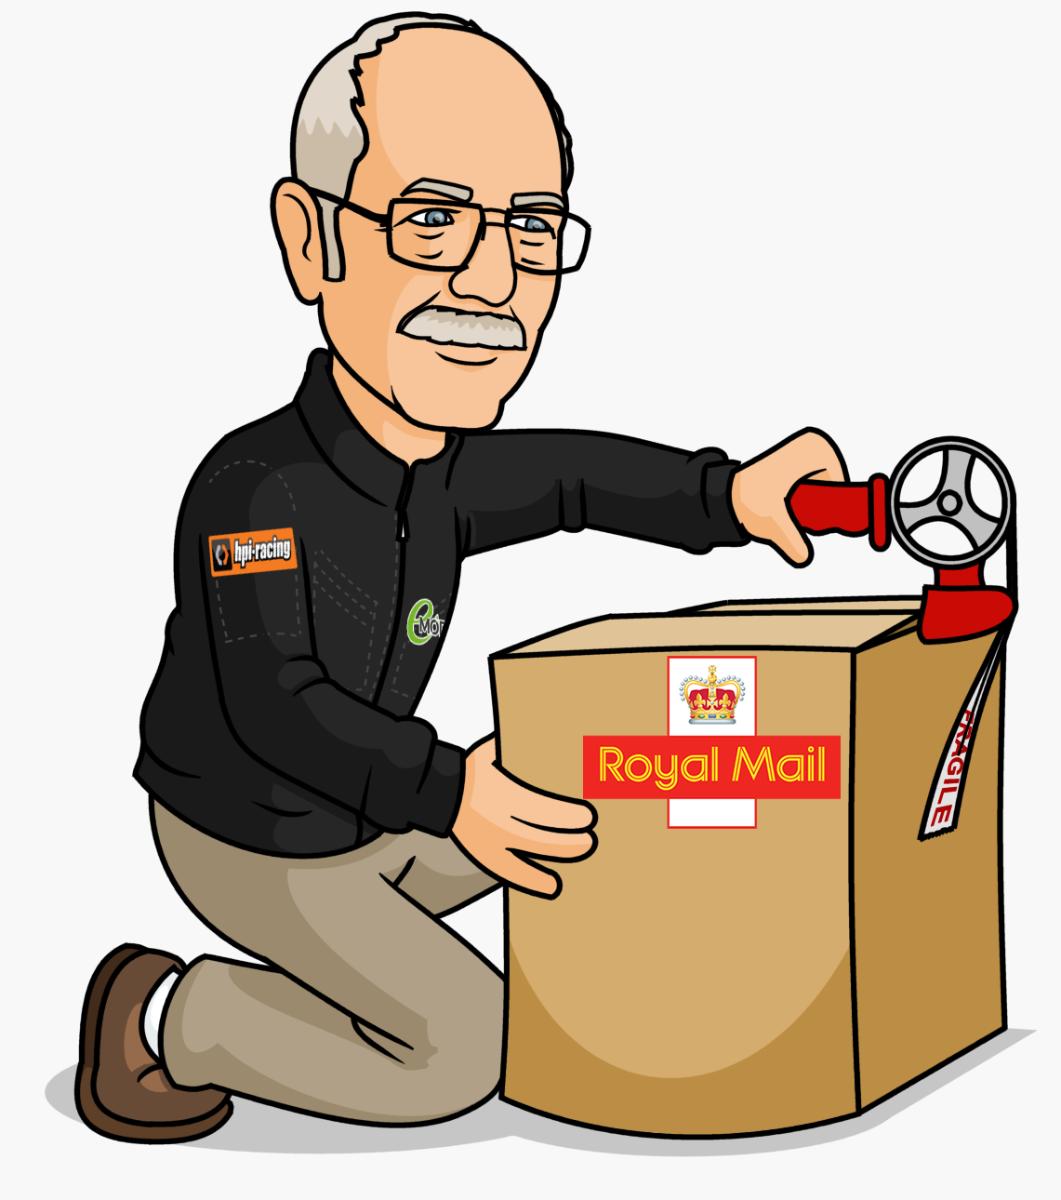 John Royal Mail